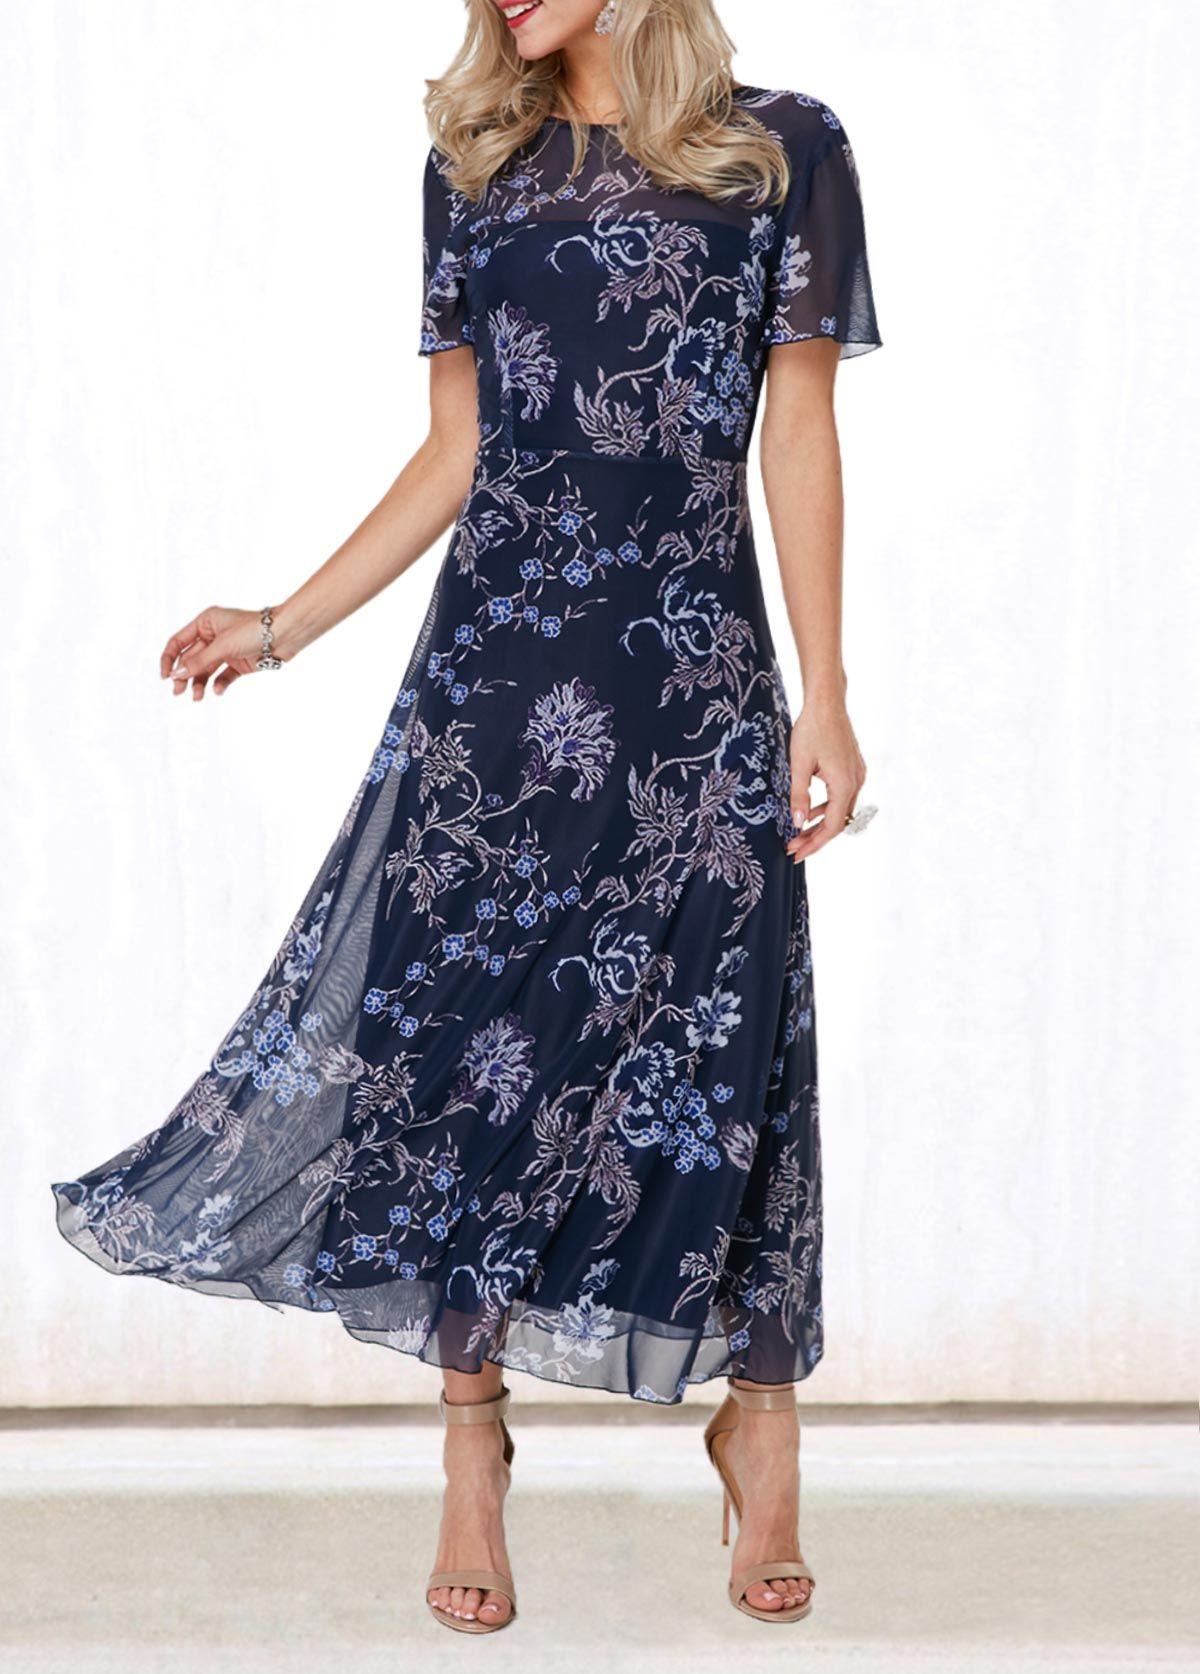 c3a303a731c4 Dresses online for sale. V Back Round Neck Flower Print Dress   Rotita.com  - USD $40.70